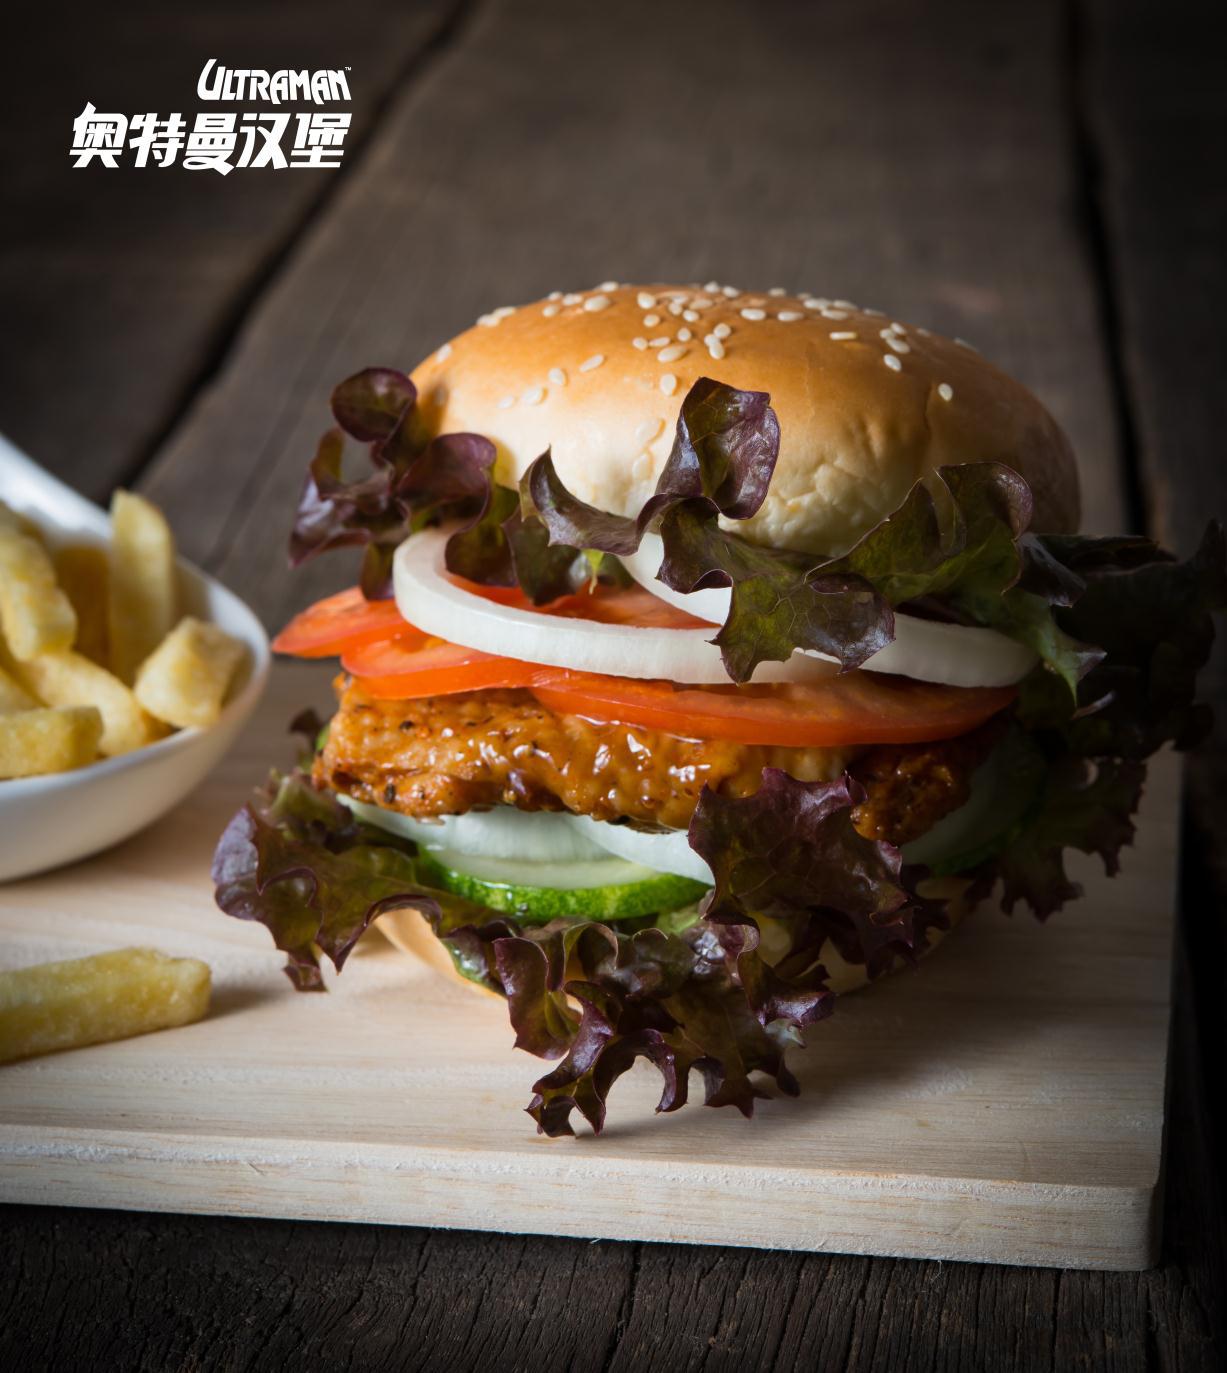 奥特曼汉堡:《舌尖上的上海》,为你揭开来自M78星云的美味